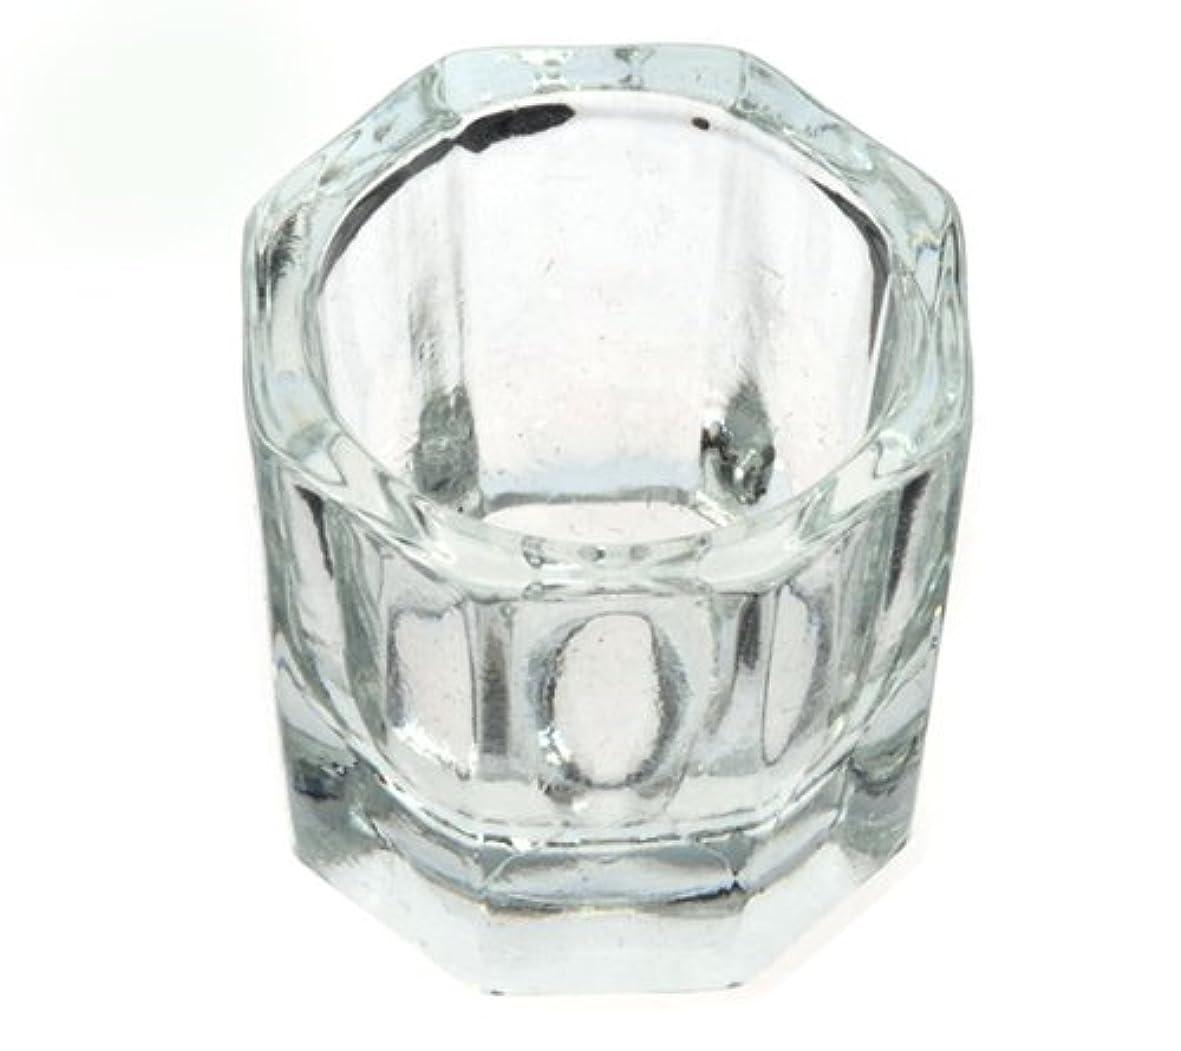 静めるイブ理論的ダッペンディッシュ グラスディッシュ 筆洗い ガラス容器 ジェルネイル用筆洗浄